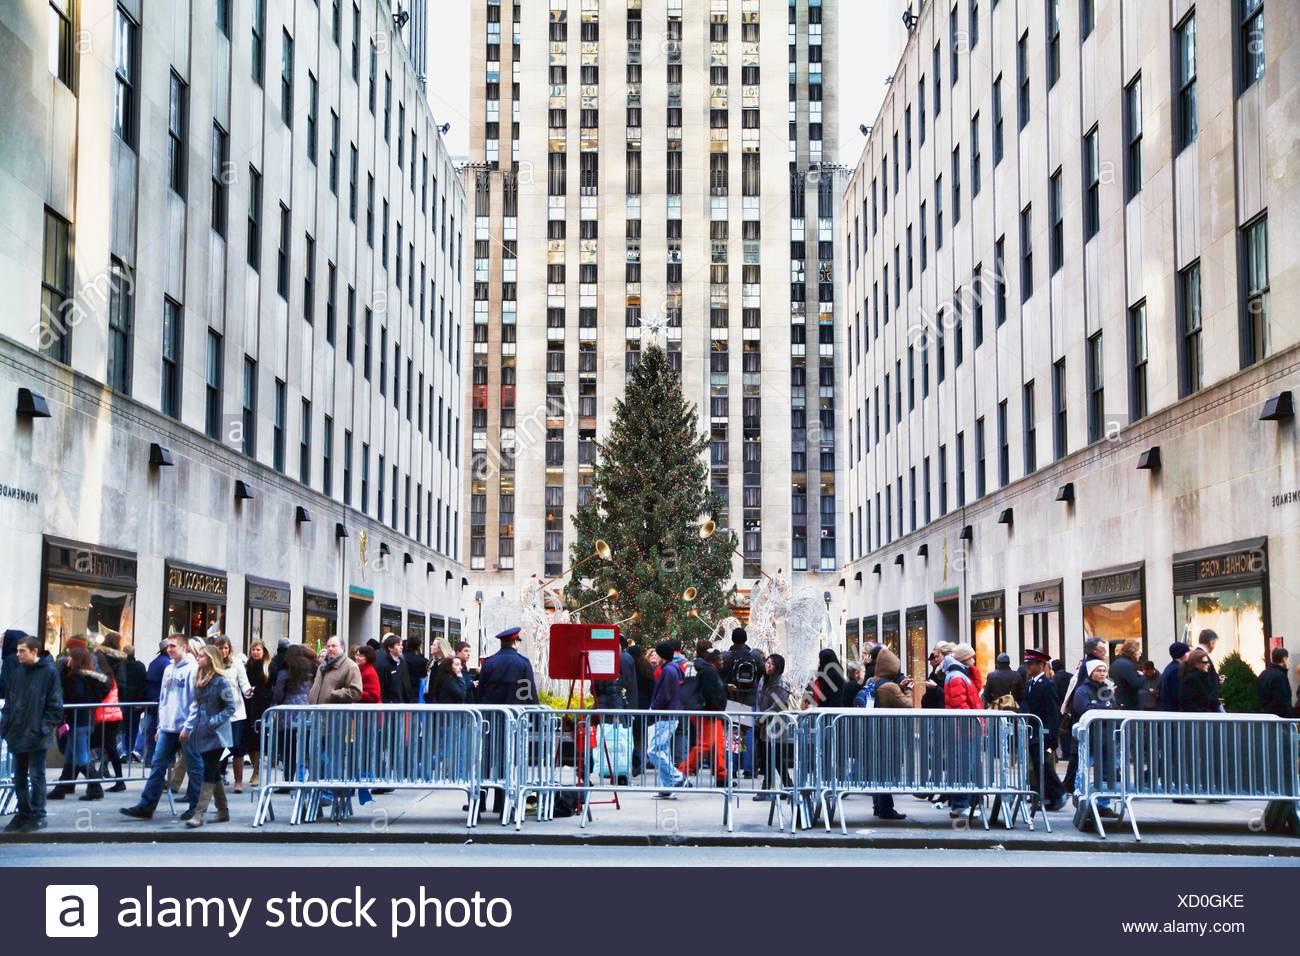 Weihnachtsbaum Rockefeller Center.Menschen An Den Weihnachtsbaum Rockefeller Plaza Rockefeller